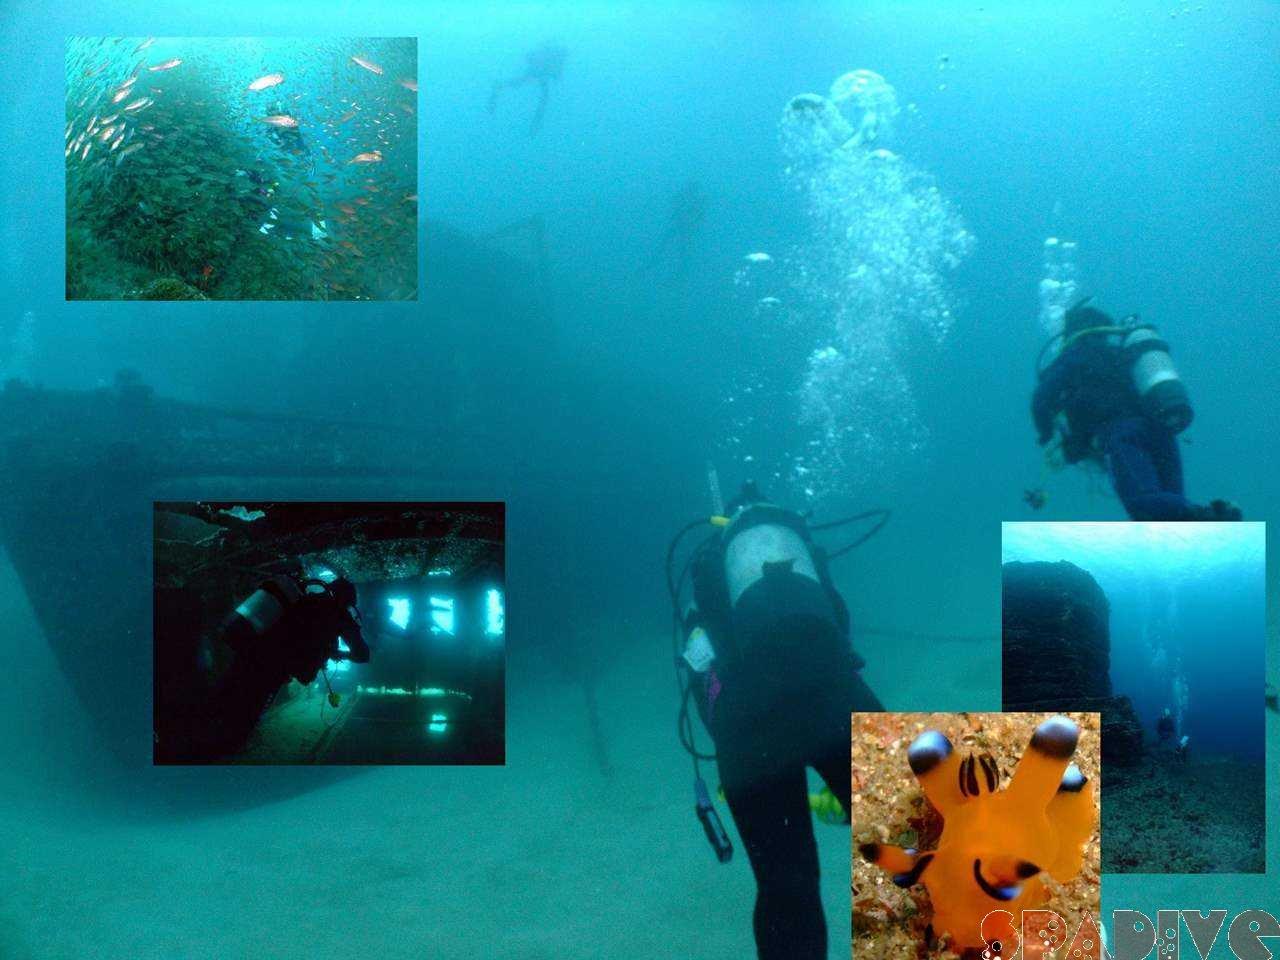 沈船&三段壁レックSP&ボートファンダイブ|11/09/2008白浜